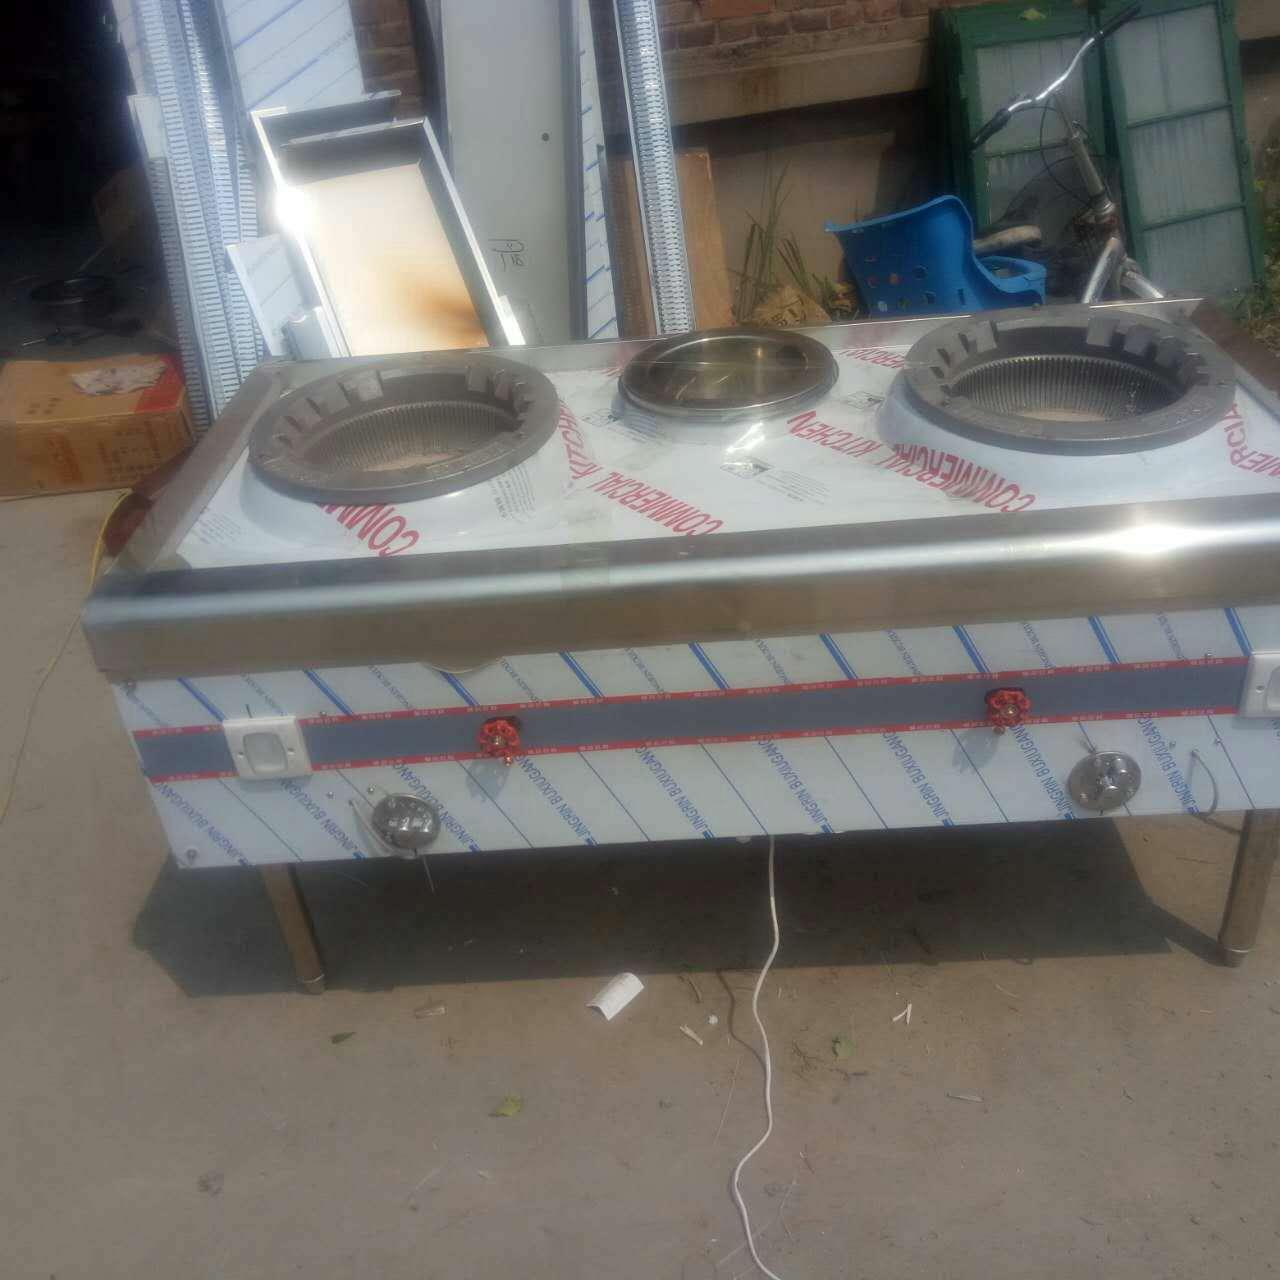 醇基燃料炉具一建点火装置节能高效